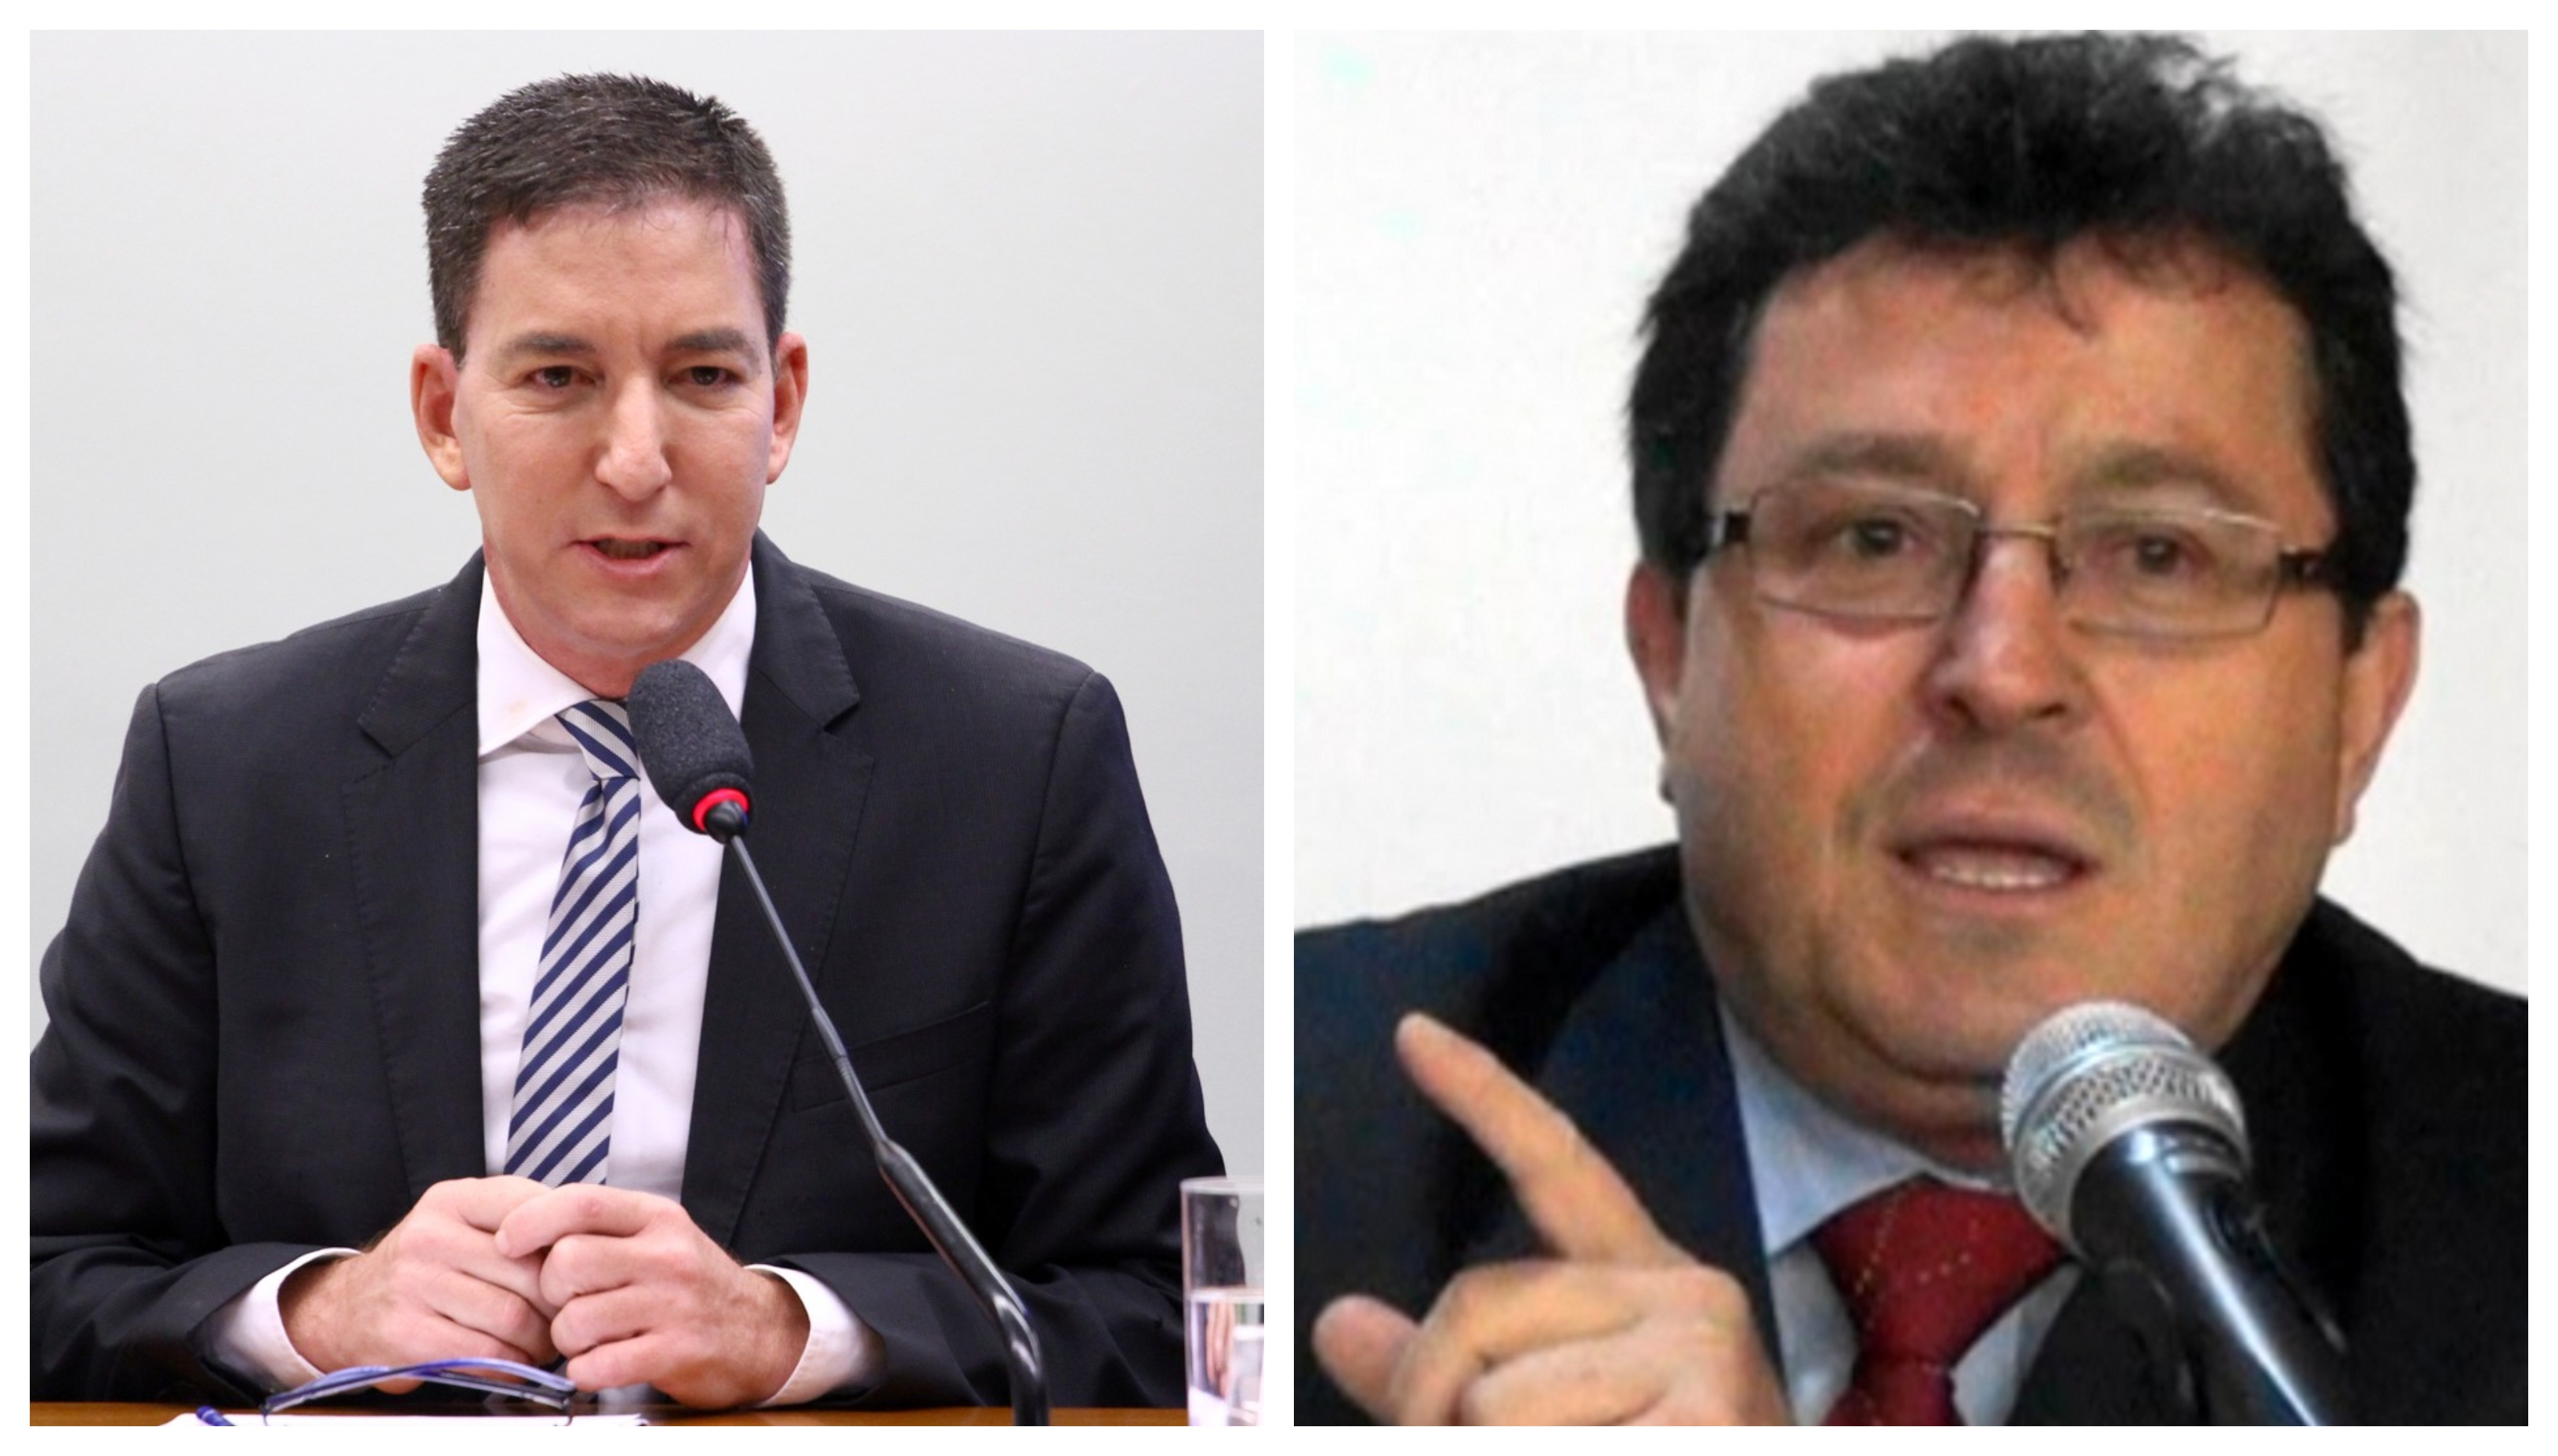 Juiz Damasceno:  Papel de jornalista é divulgar o que sabe. Se não informa, incorre em manipulação da notícia por omissão